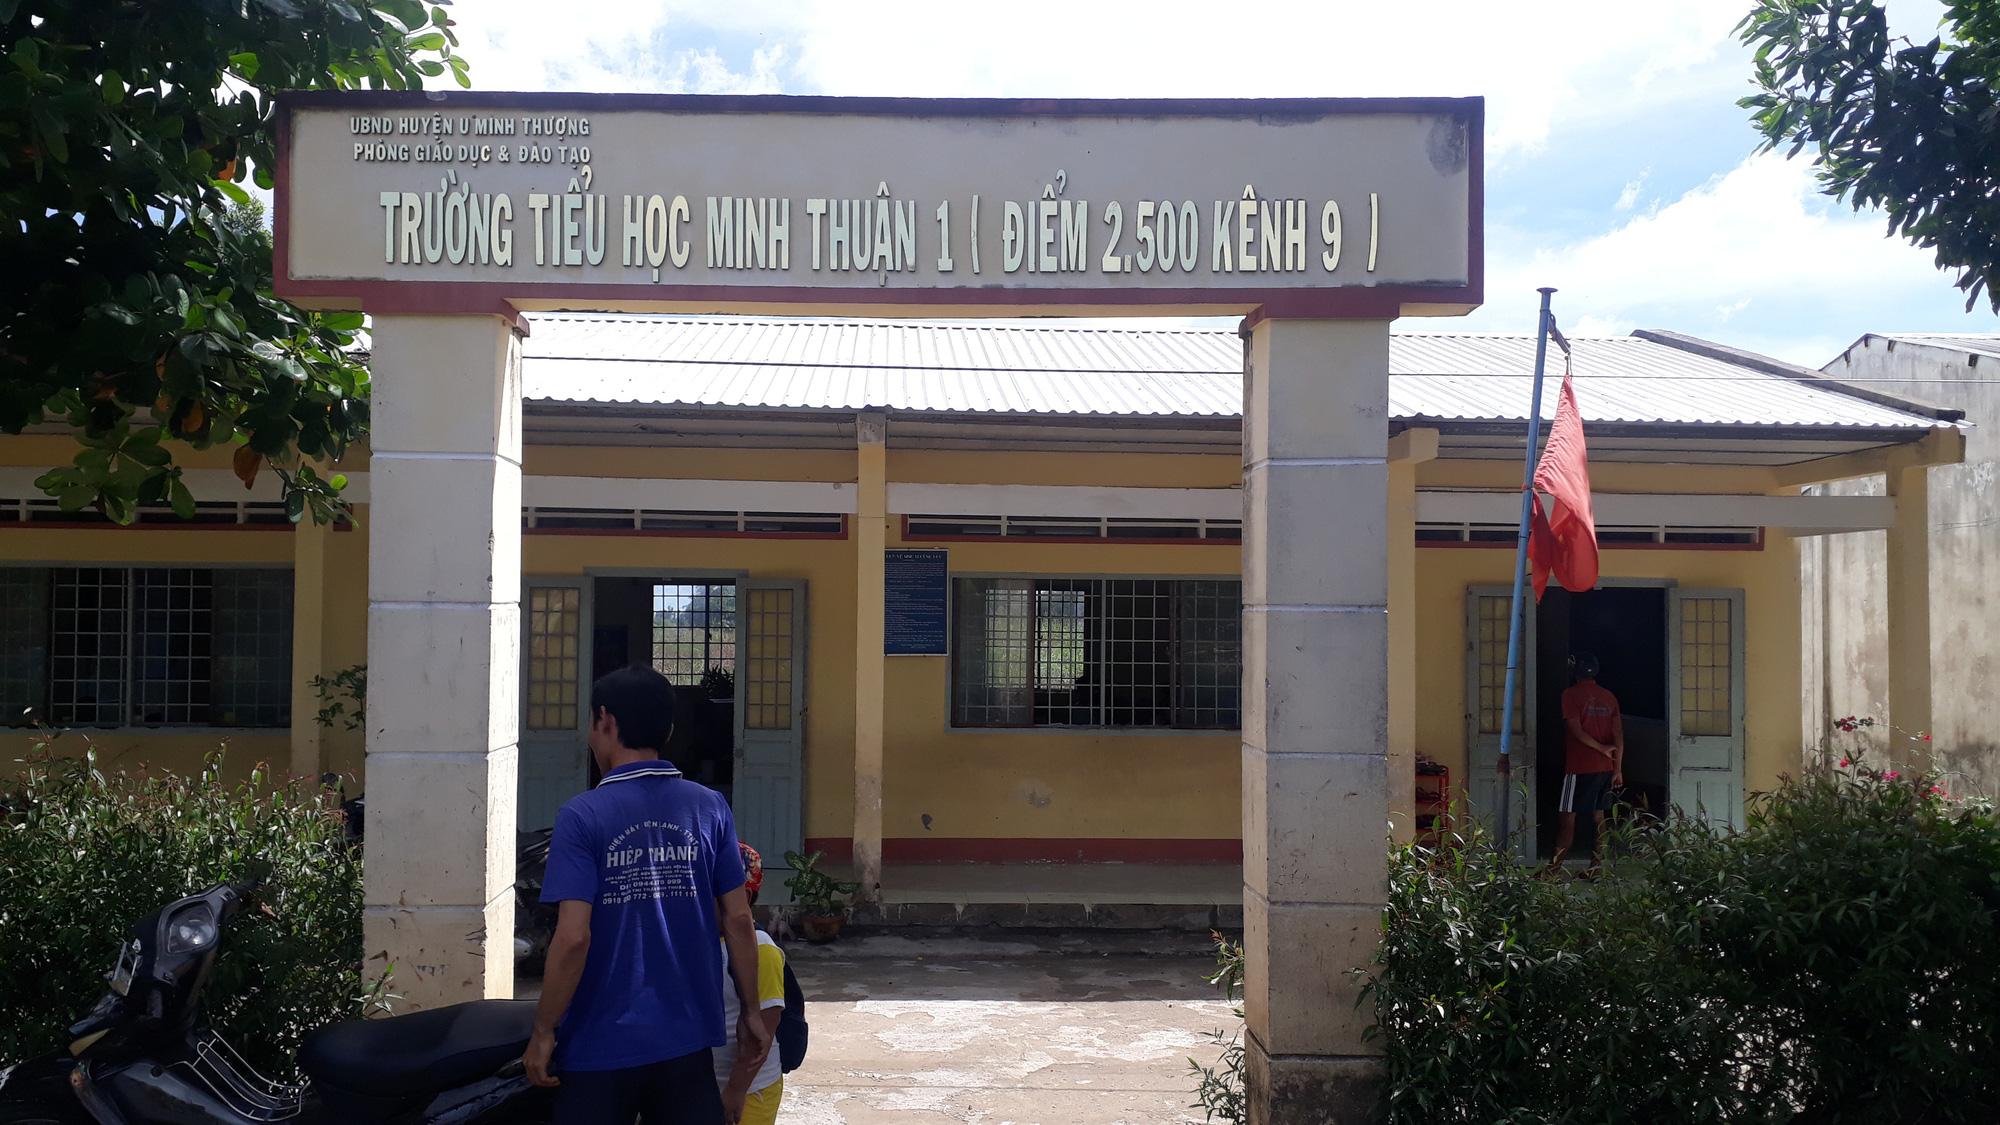 Thầy giáo sàm sỡ 2 nữ sinh tiểu học tại nhà vệ sinh và cuộc ngã giá 100 triệu đồng  - Ảnh 1.